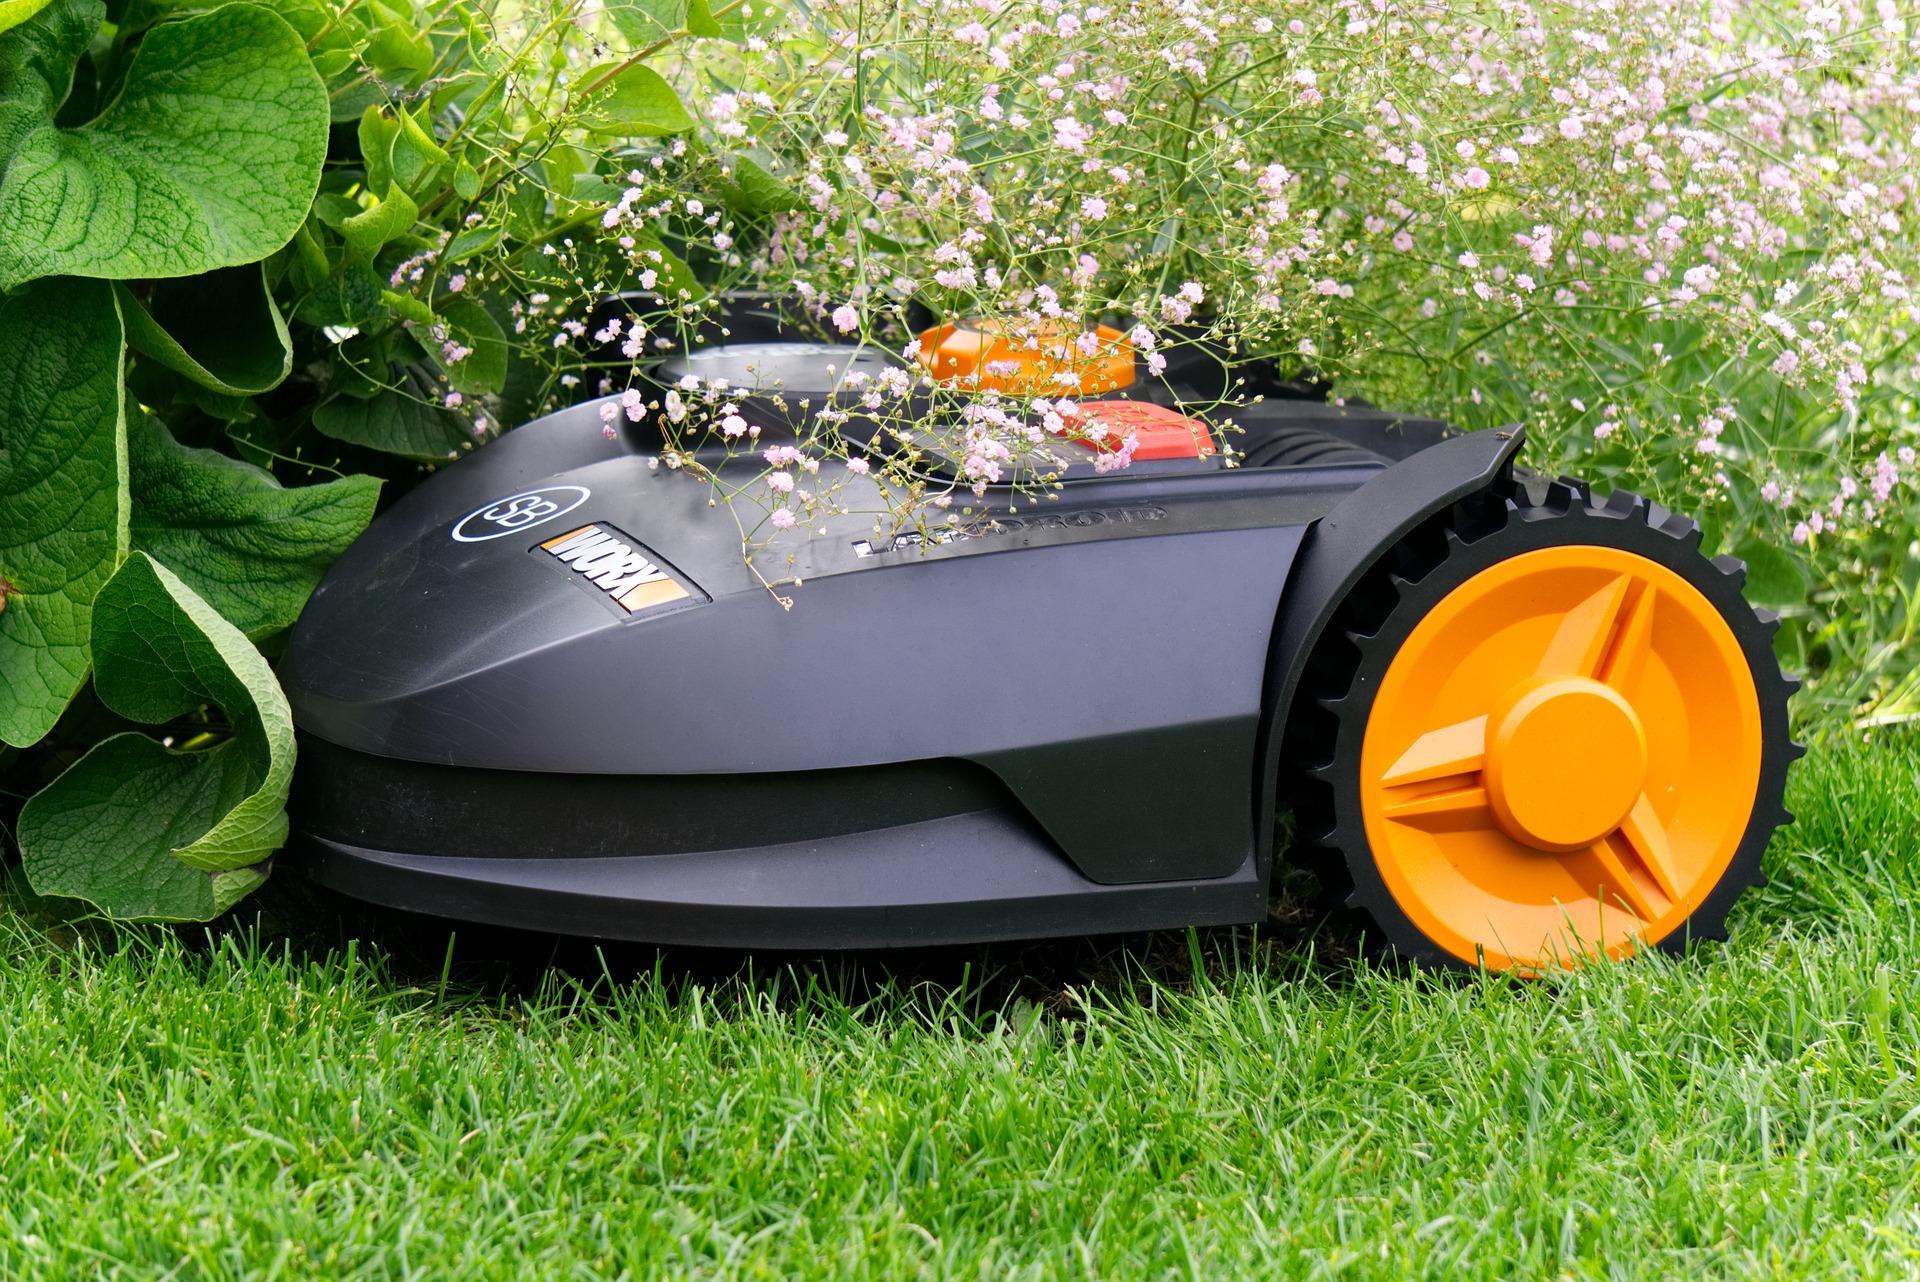 Rasen mähen mit einem Mähroboter